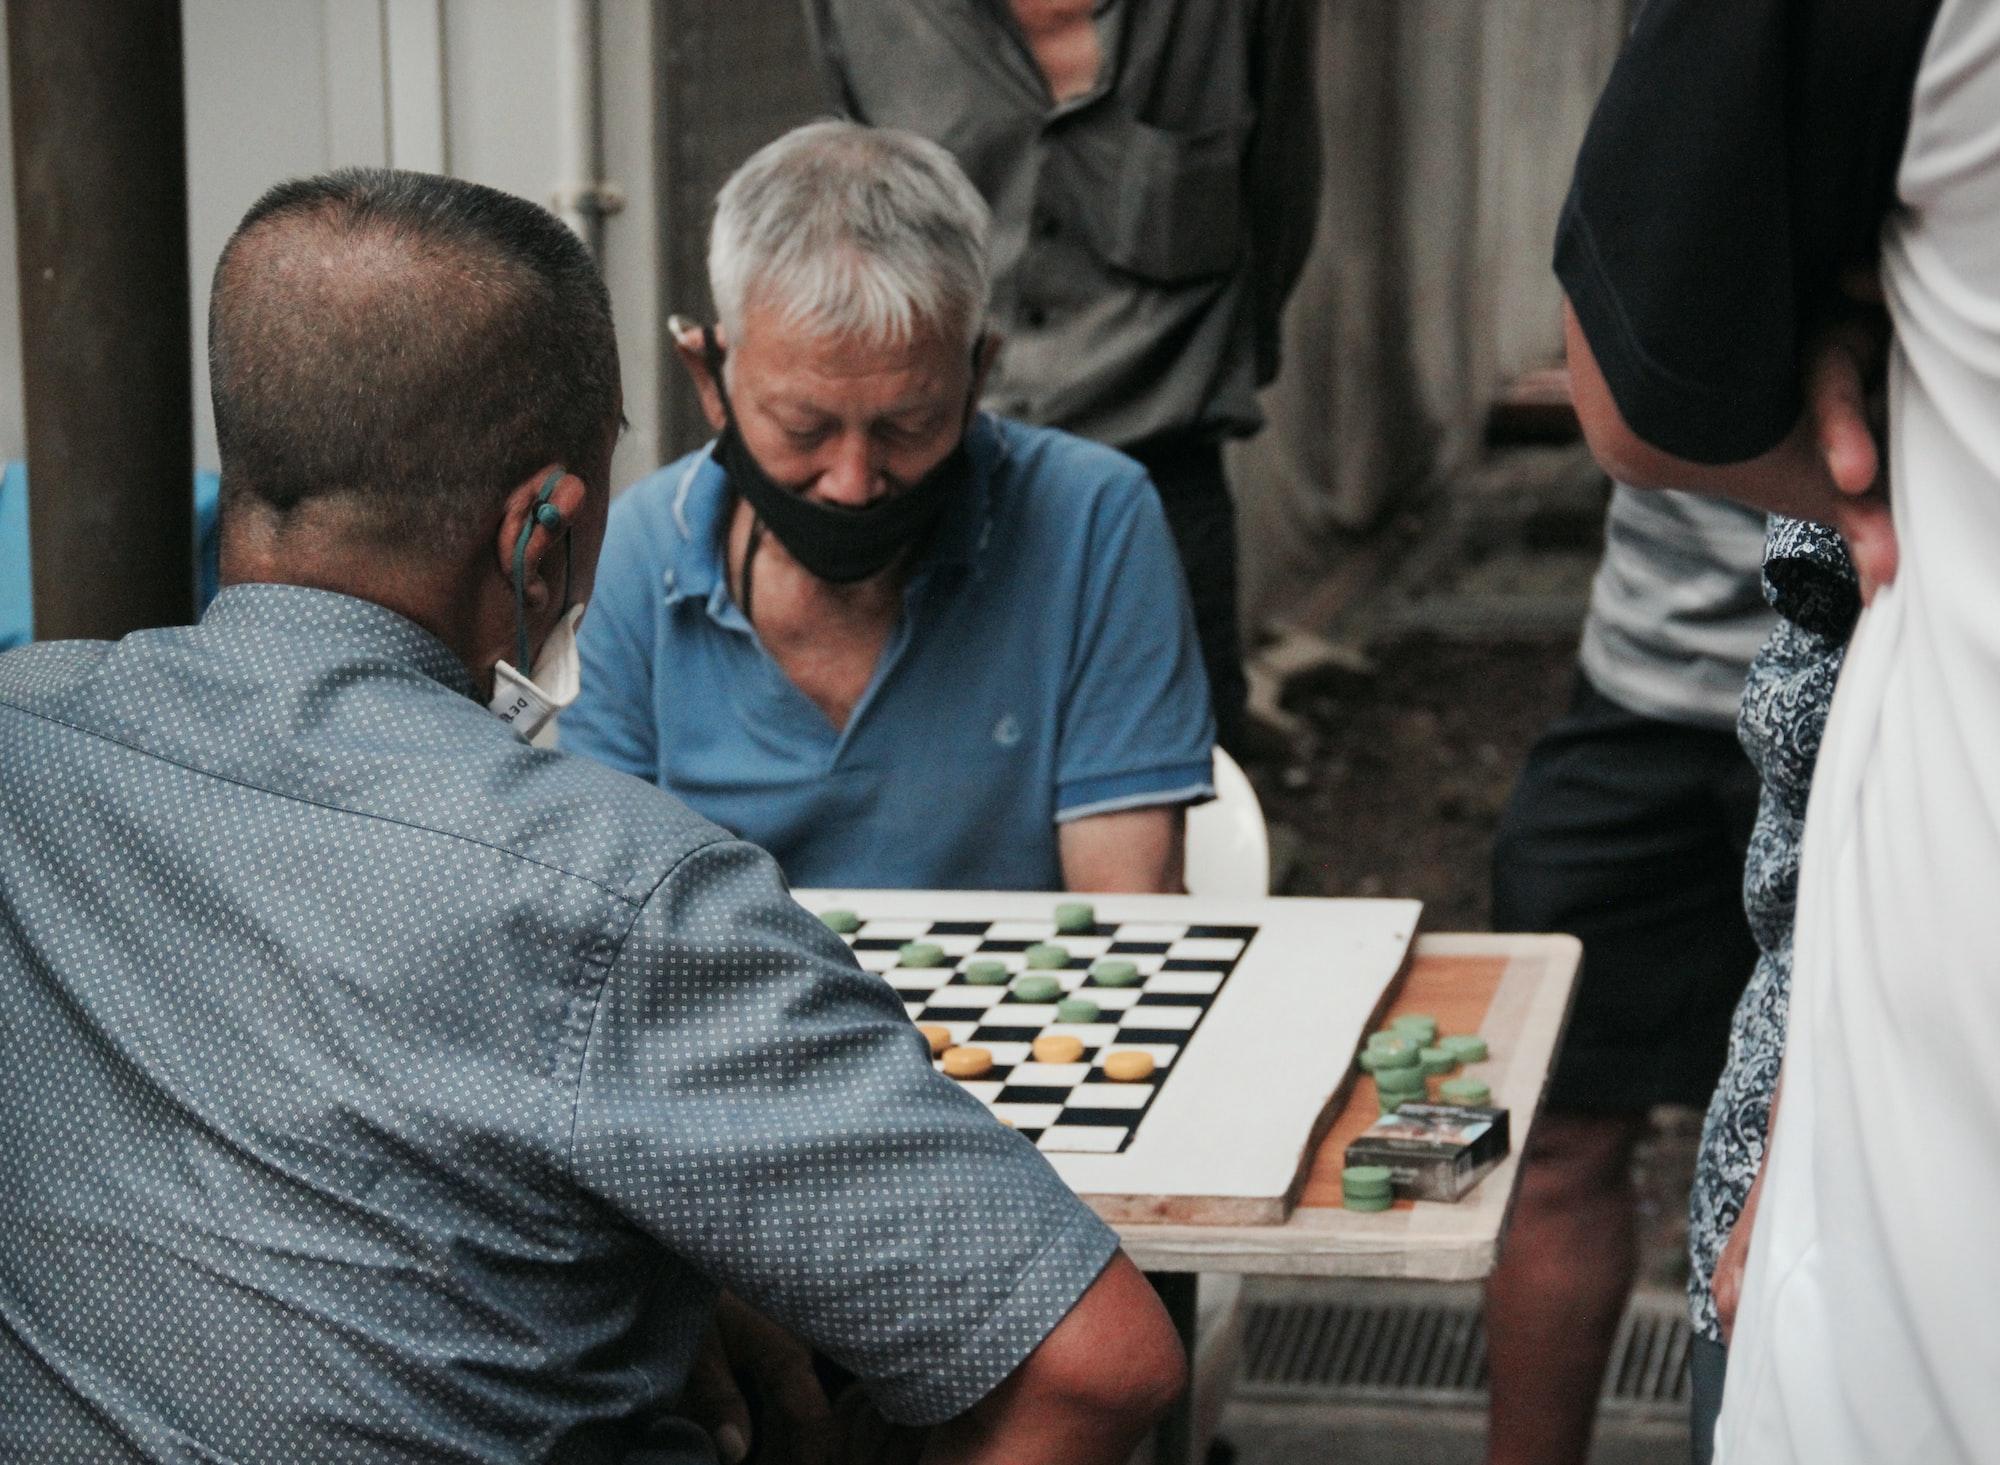 ถ้าชีวิตเปรียบเสมือนร้านเกม เด็กเกาะเบาะก็ไม่ควรแย่งเมาส์คนอื่นมาเล่น